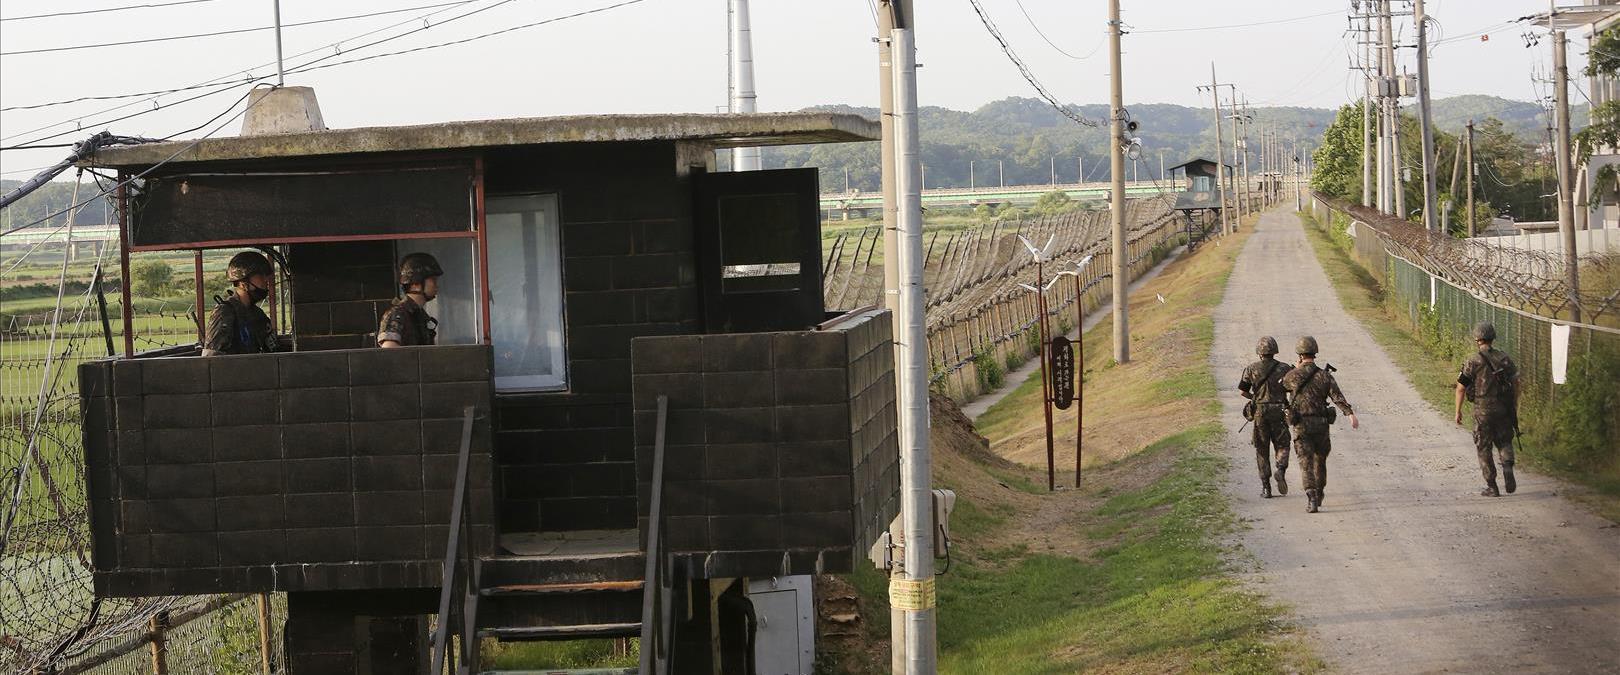 הגבול בקוריאה הדרומית